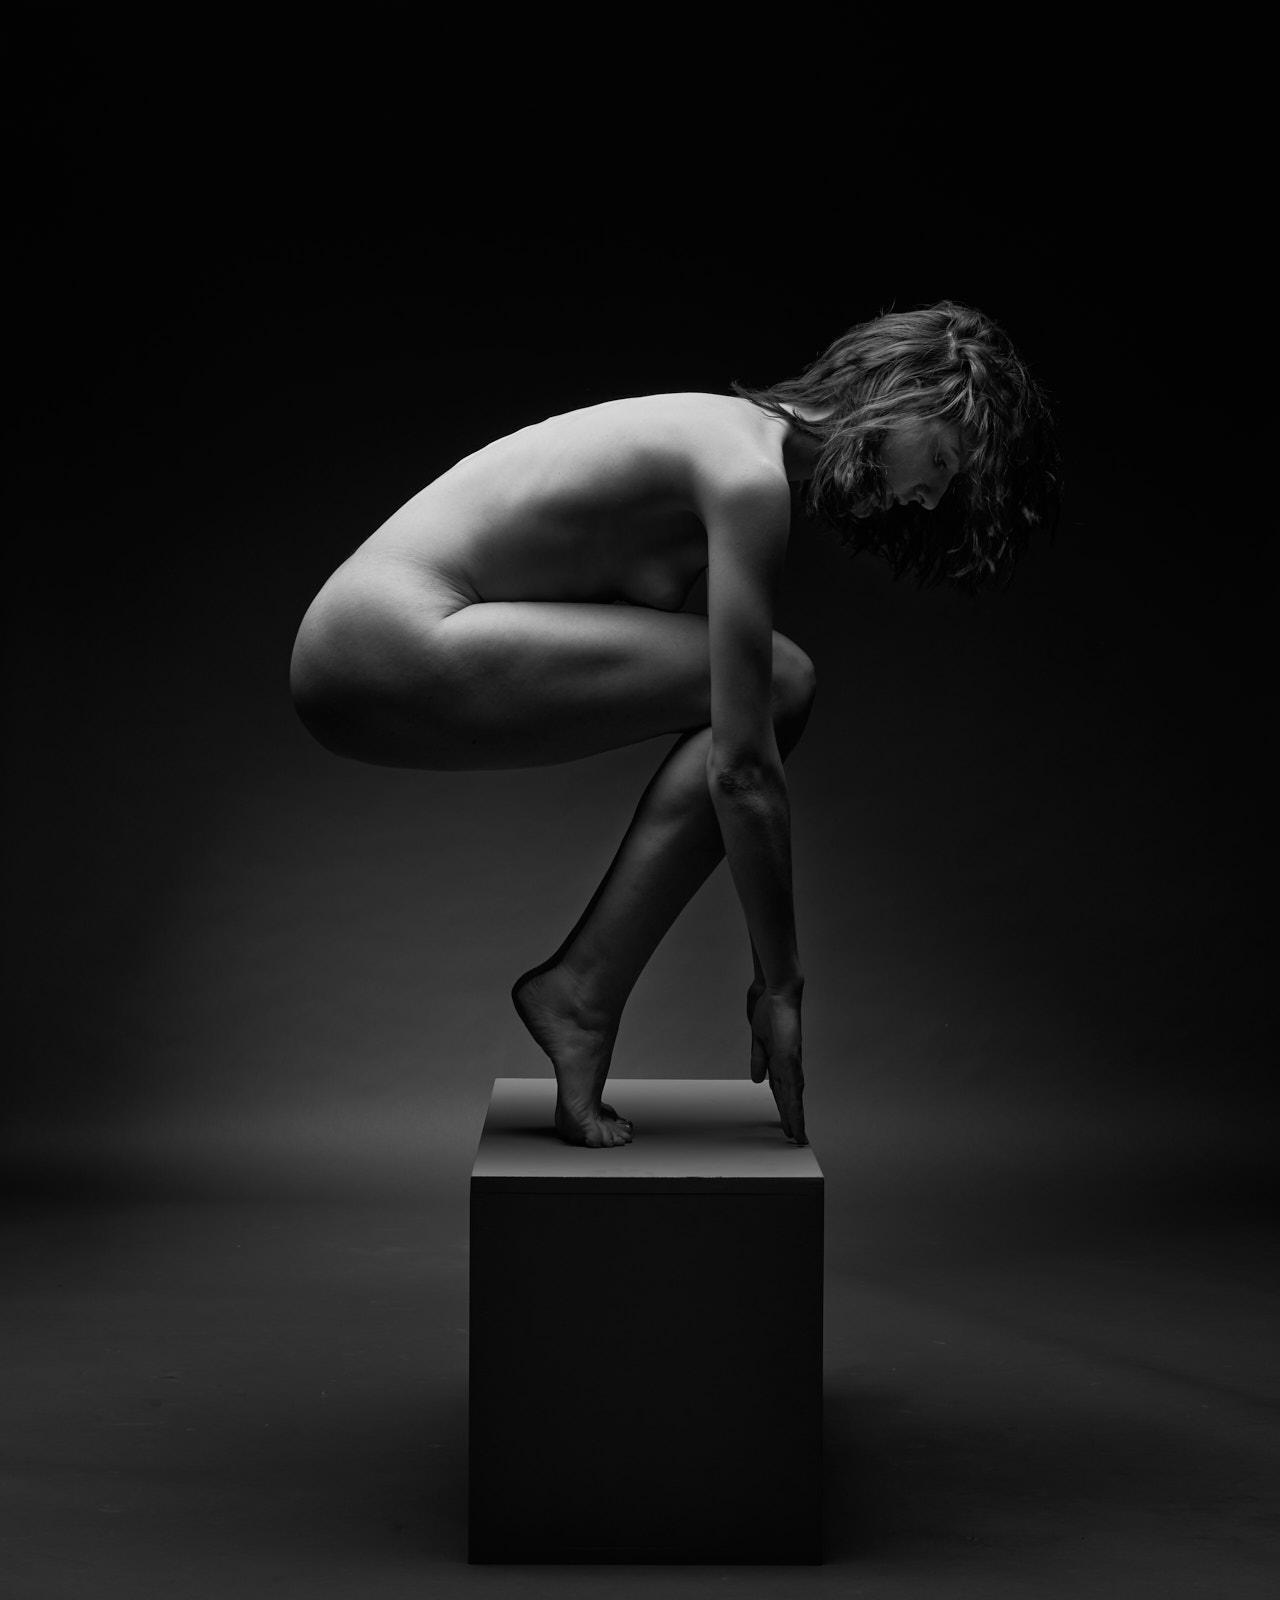 Une femme nue accroupie sur la pointe des pieds, nu académique, artistique